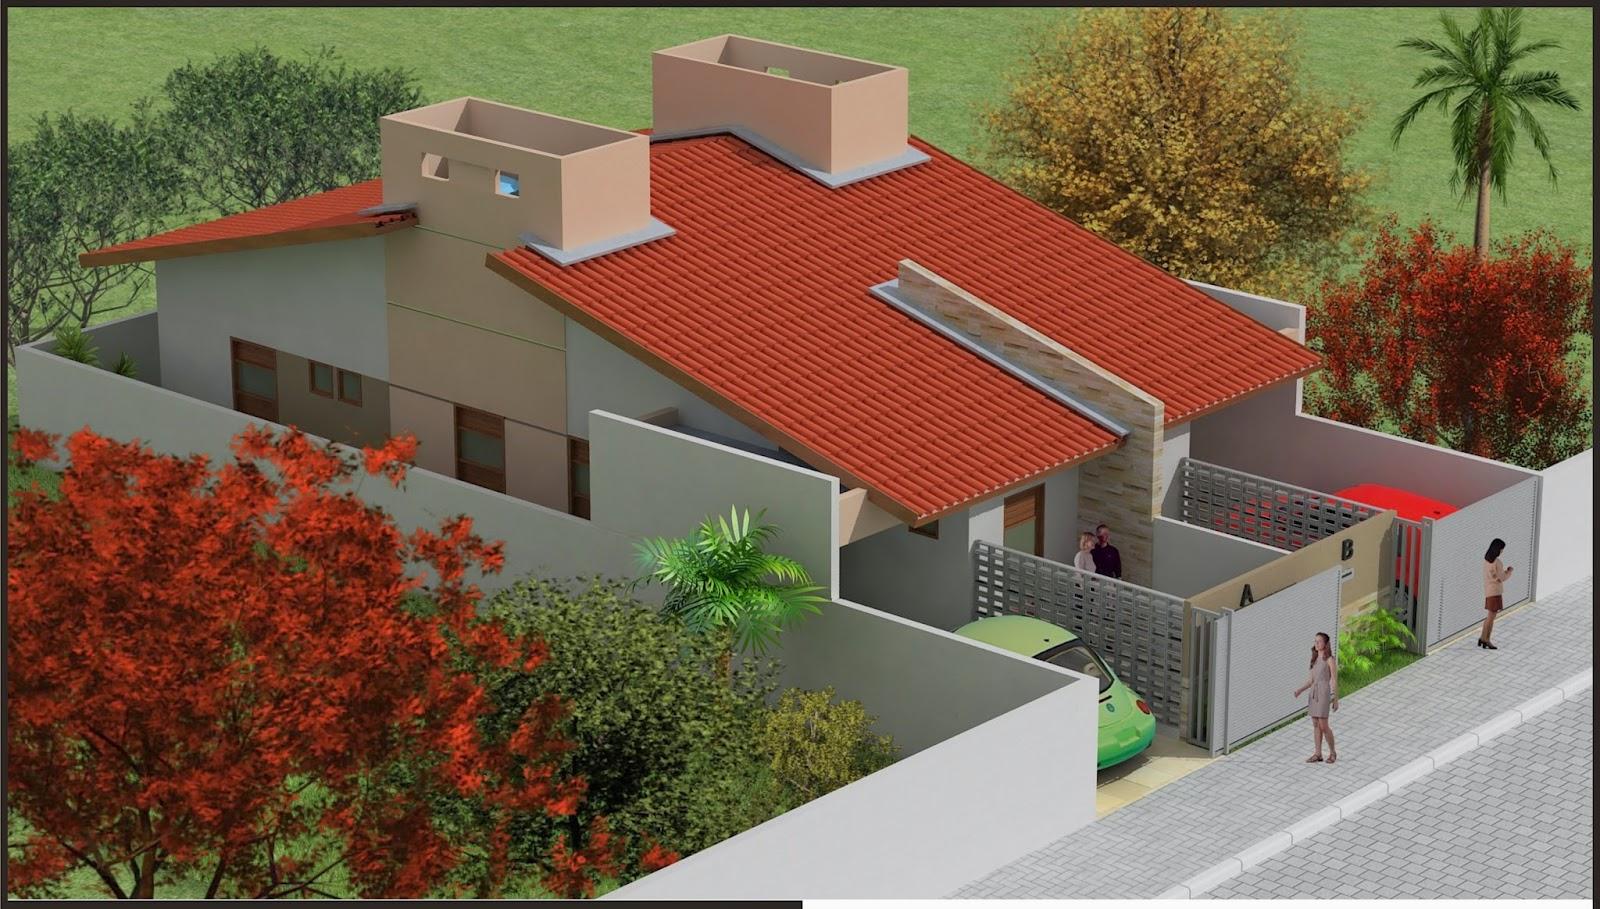 Oddo villar arquitetura e constru o outubro 2010 for Casa moderna economica